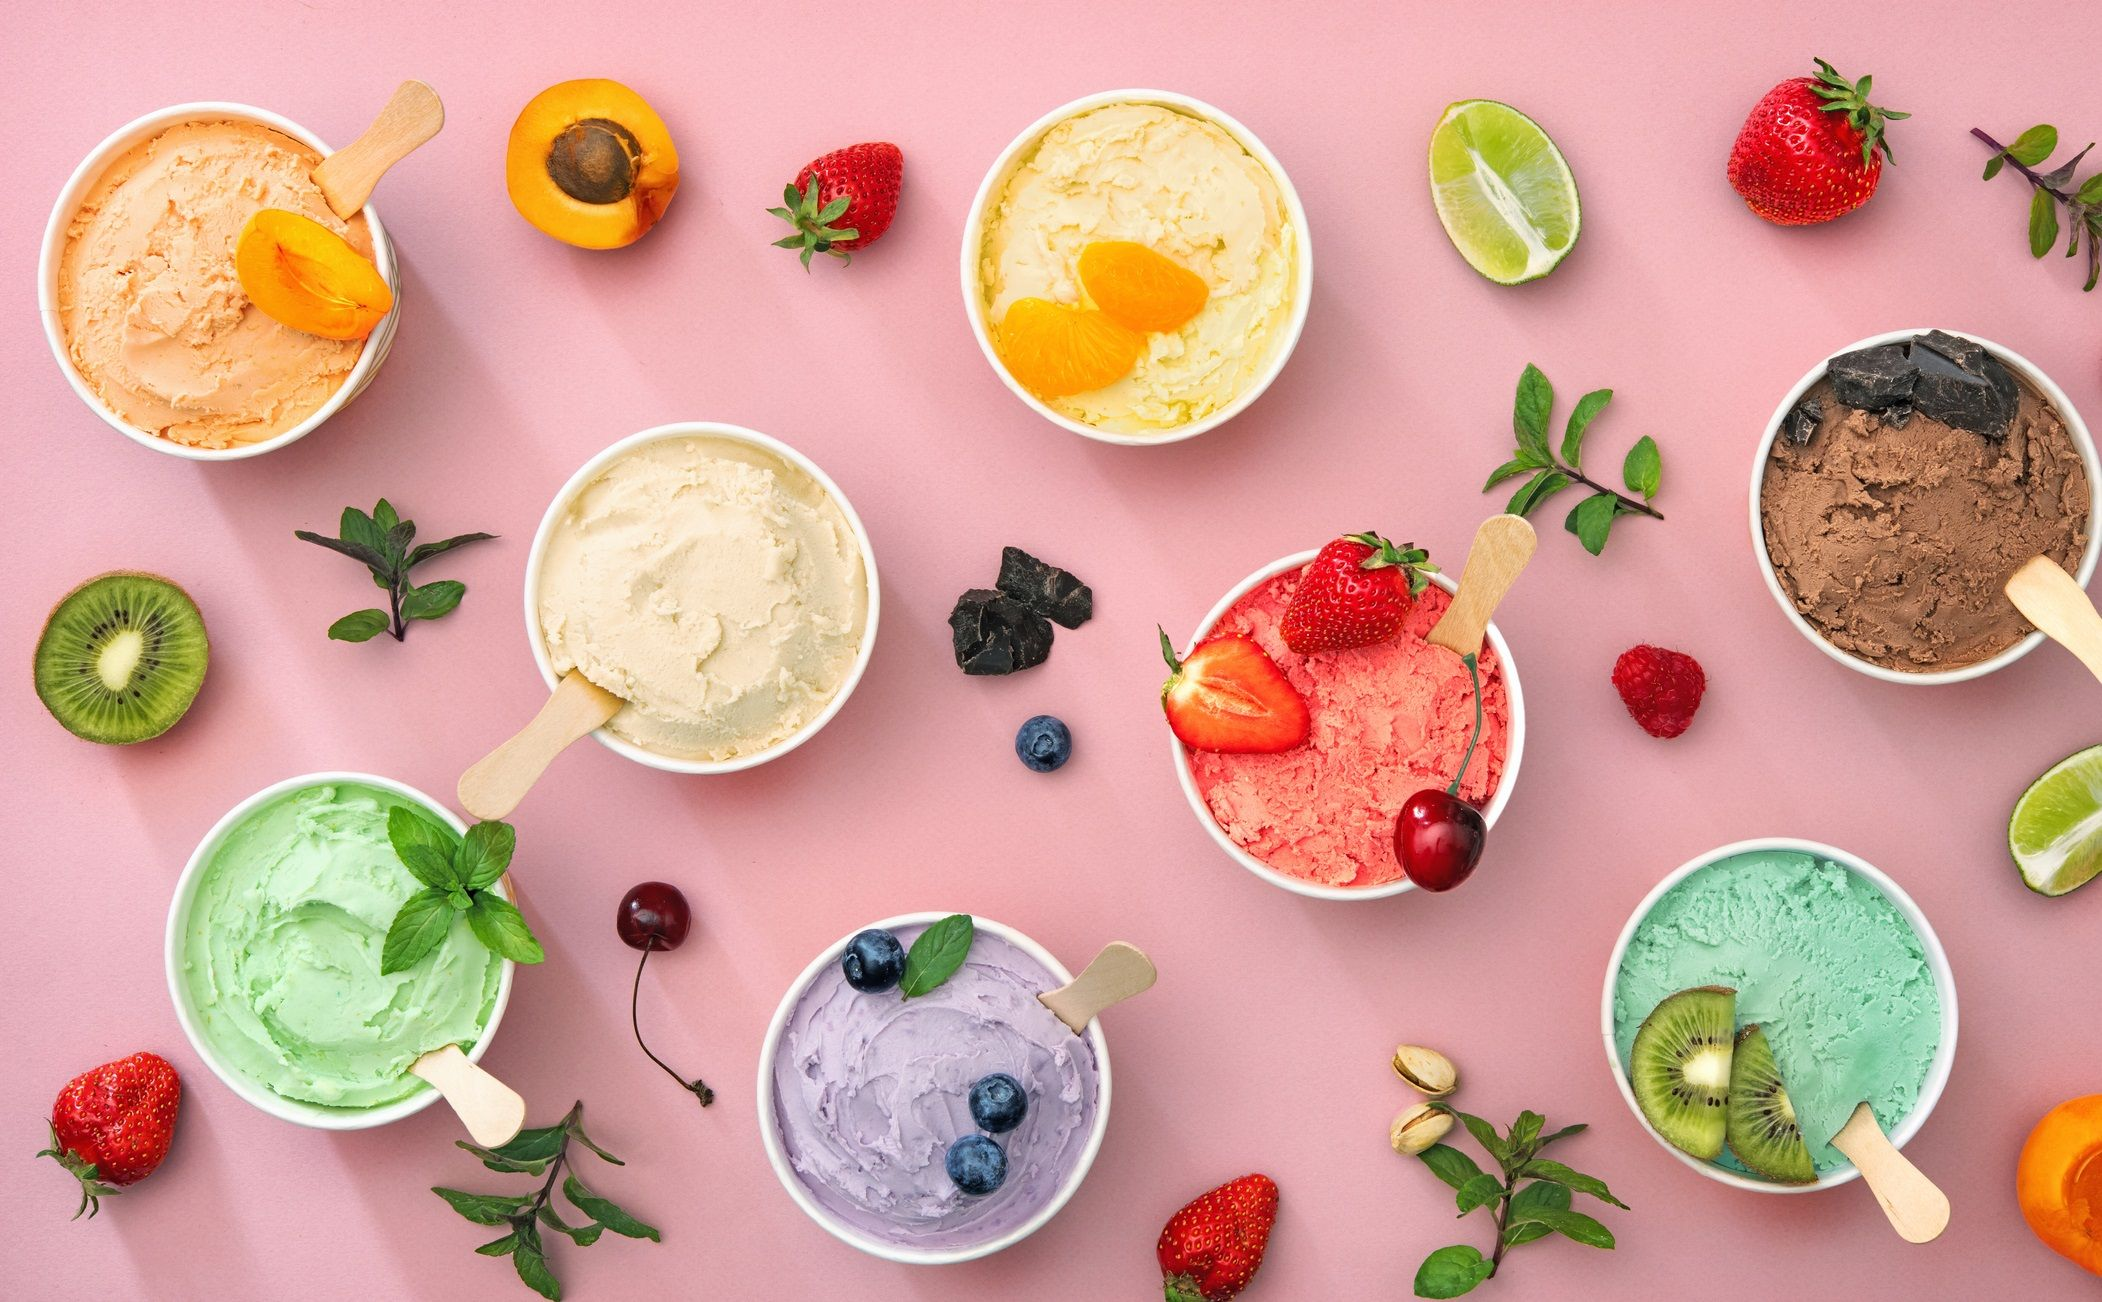 6 recetas de helado saludable para refrescarte este verano